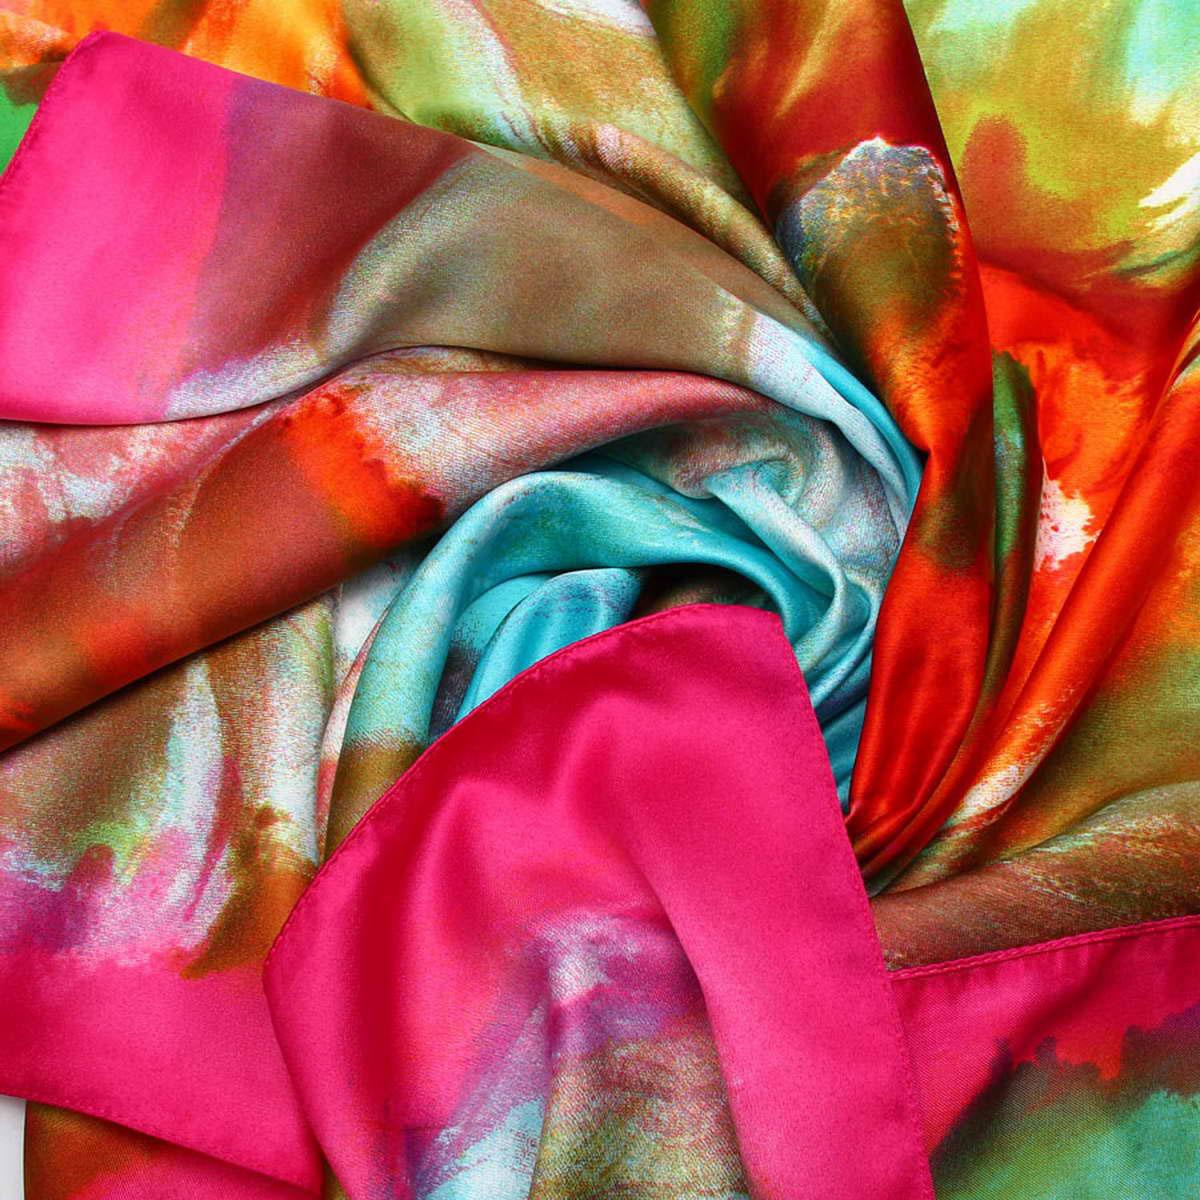 3906233-2Изысканный и невероятно красивый женский платок Venera изготовлен из нежного и легкого полиэстера, станет замечательным украшением для любого вашего наряда. Романтичный платок очень красивой цветовой гаммы, украшен принтом с большими цветами. Этот платок будет долго радовать свою обладательницу и придаст наряду изысканности, утонченности и великолепия. Классическая квадратная форма позволяет носить платок на шее, украшать им прическу или декорировать сумочку. Платок Venera превосходно дополнит любой наряд и подчеркнет ваш неповторимый вкус и элегантность.